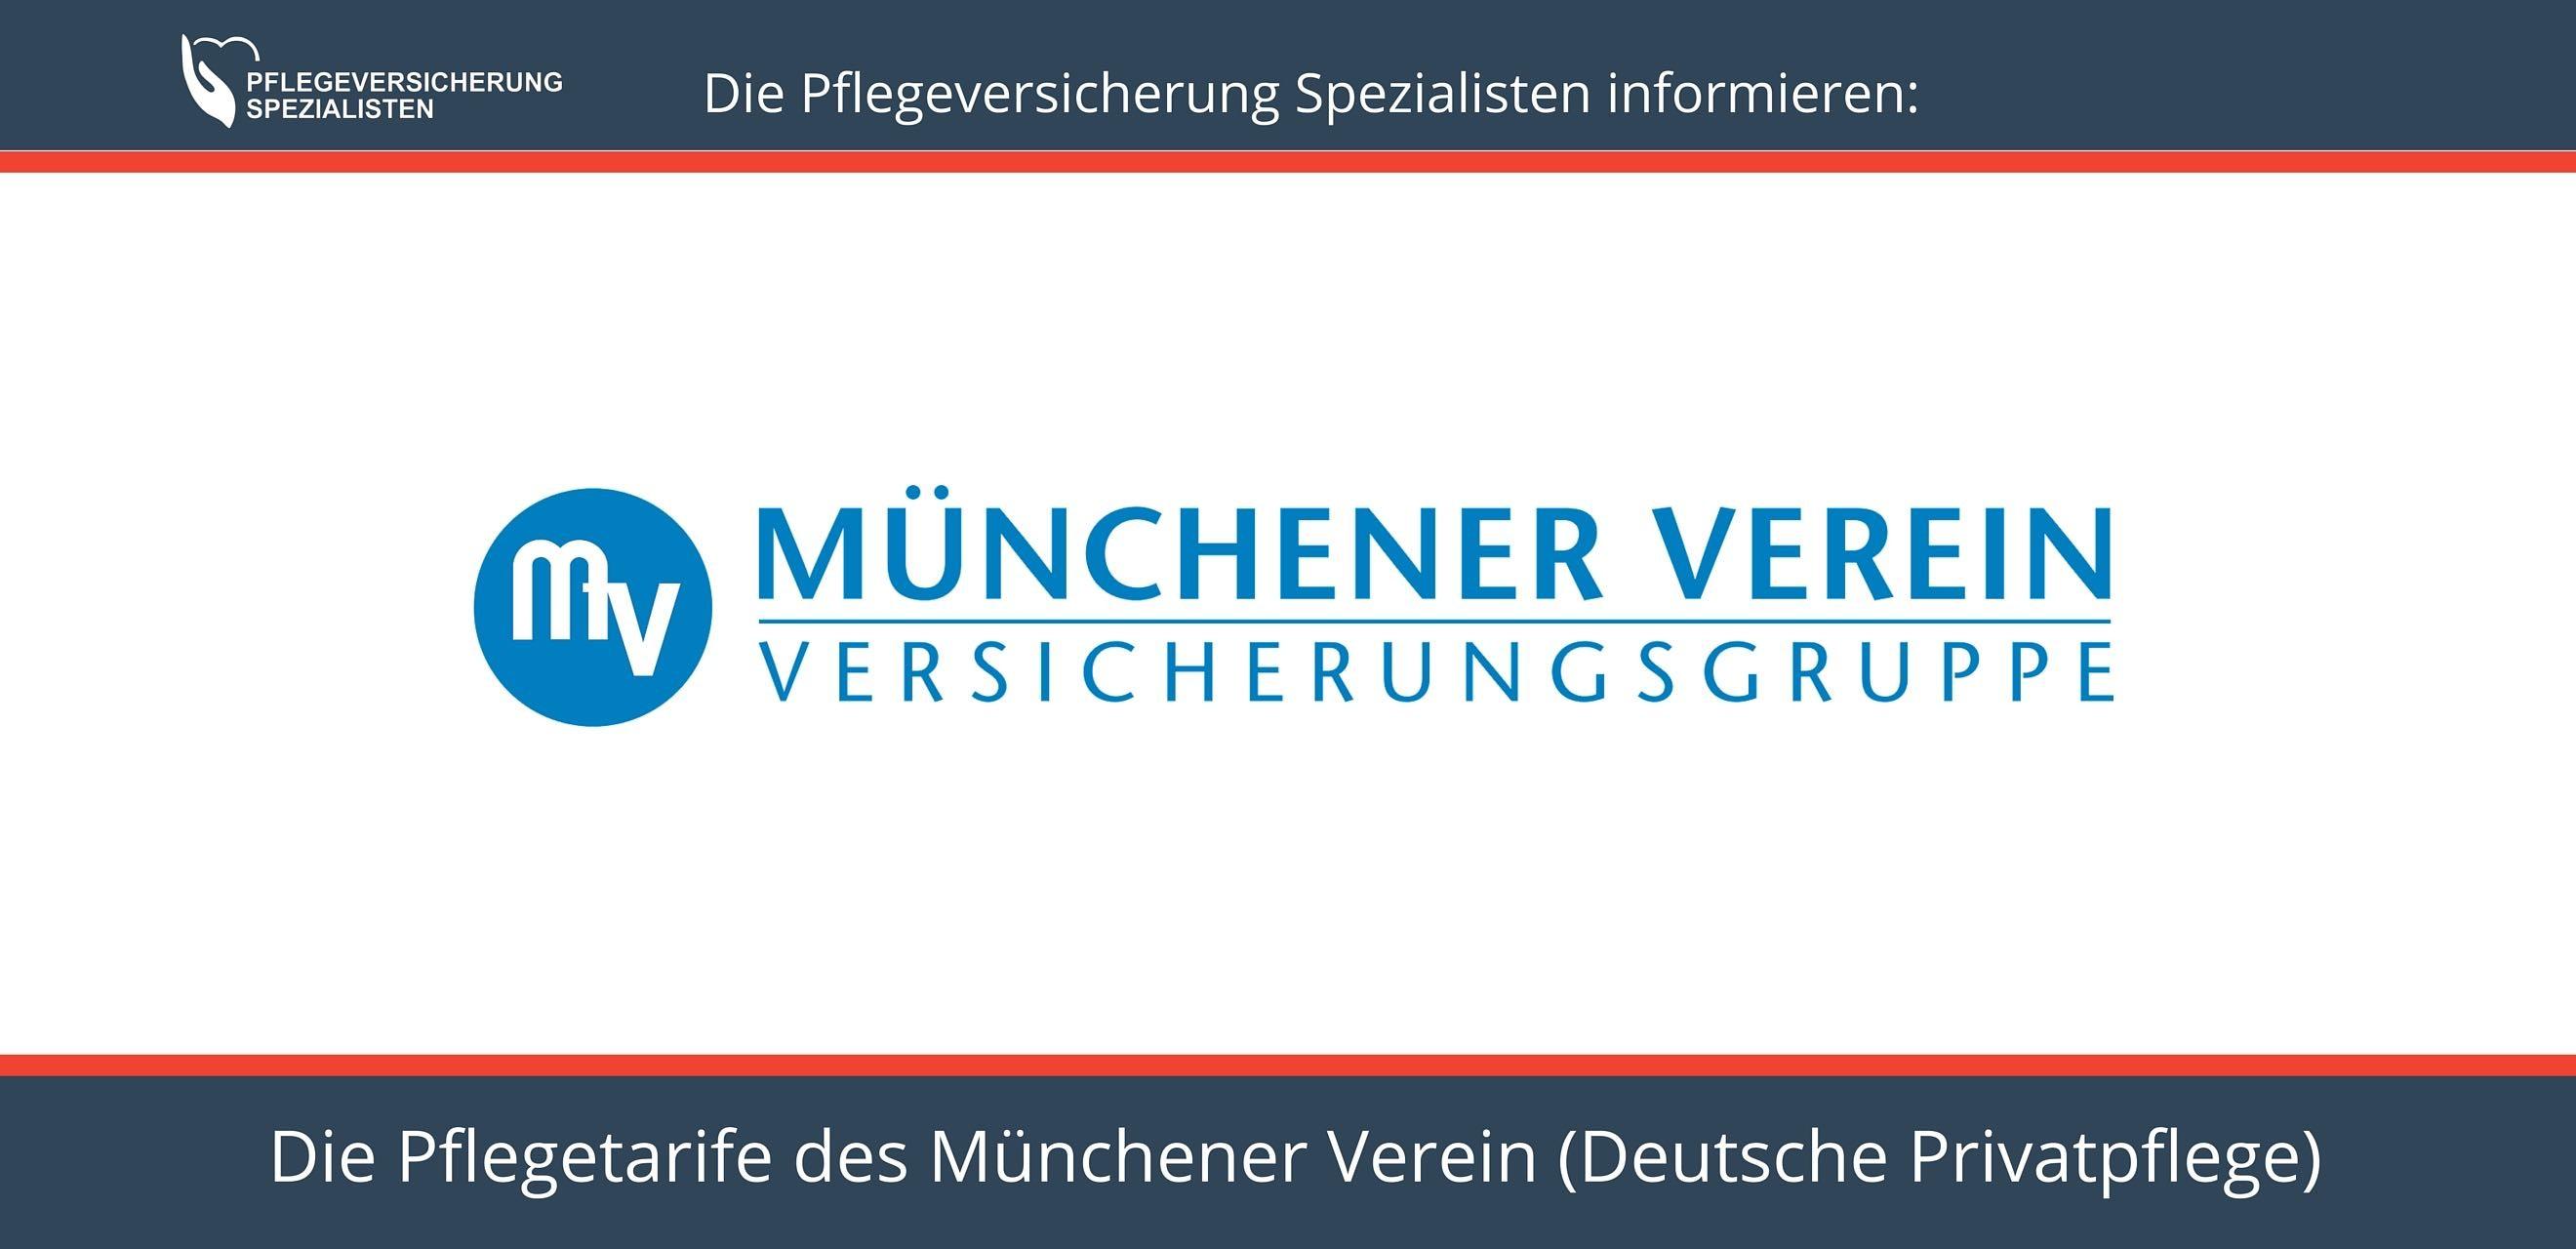 Die Pflegeversicherung Spezialisten informieren über die Pflegetarife des Münchner Verein: Tarif Deutsche Privatpflege